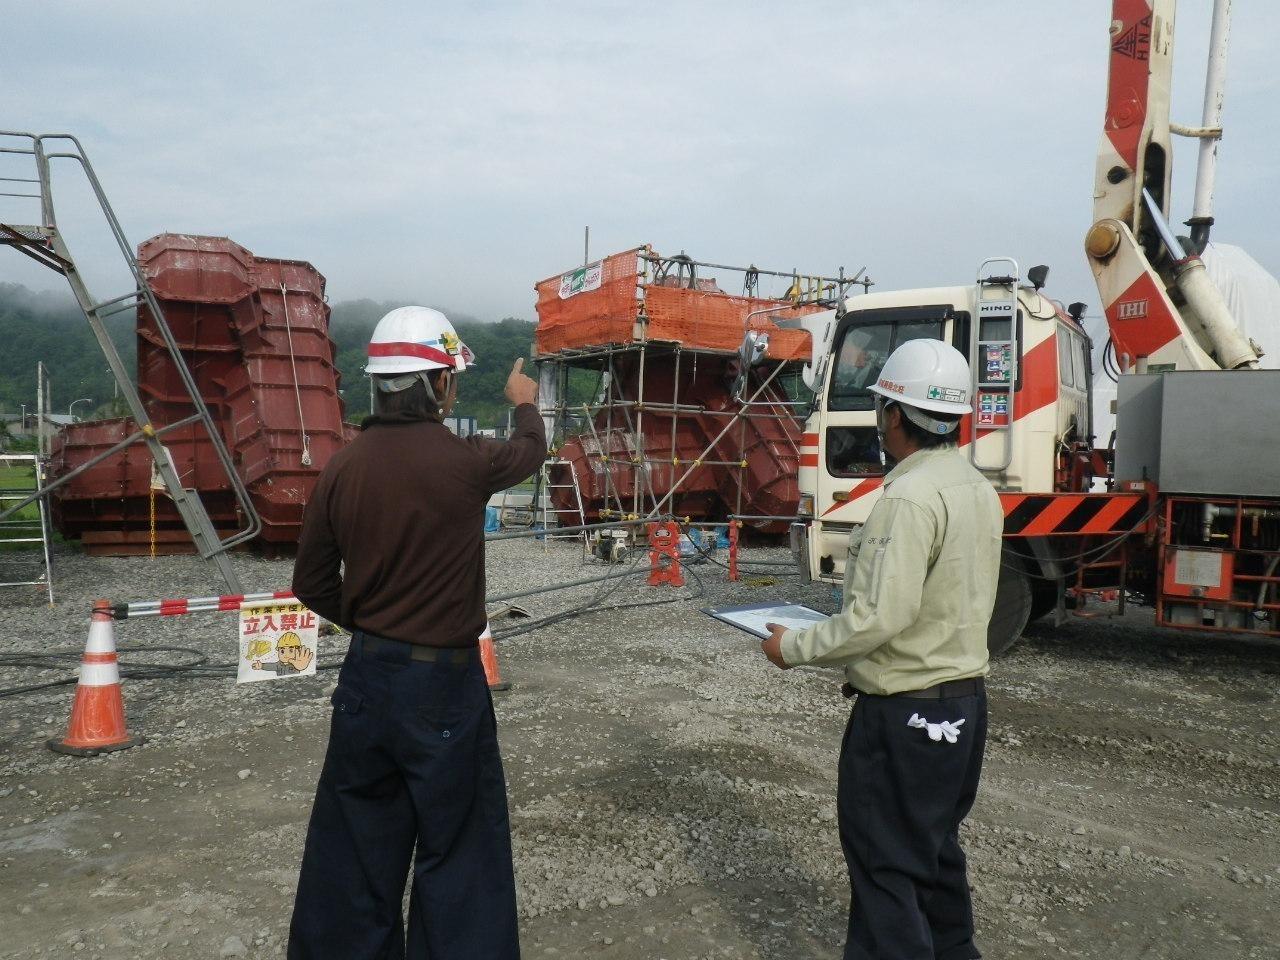 機械開発北旺株式会社/【サポートエンジニア】北海道全域の開発・発展に貢献する、施工管理の仕事です!